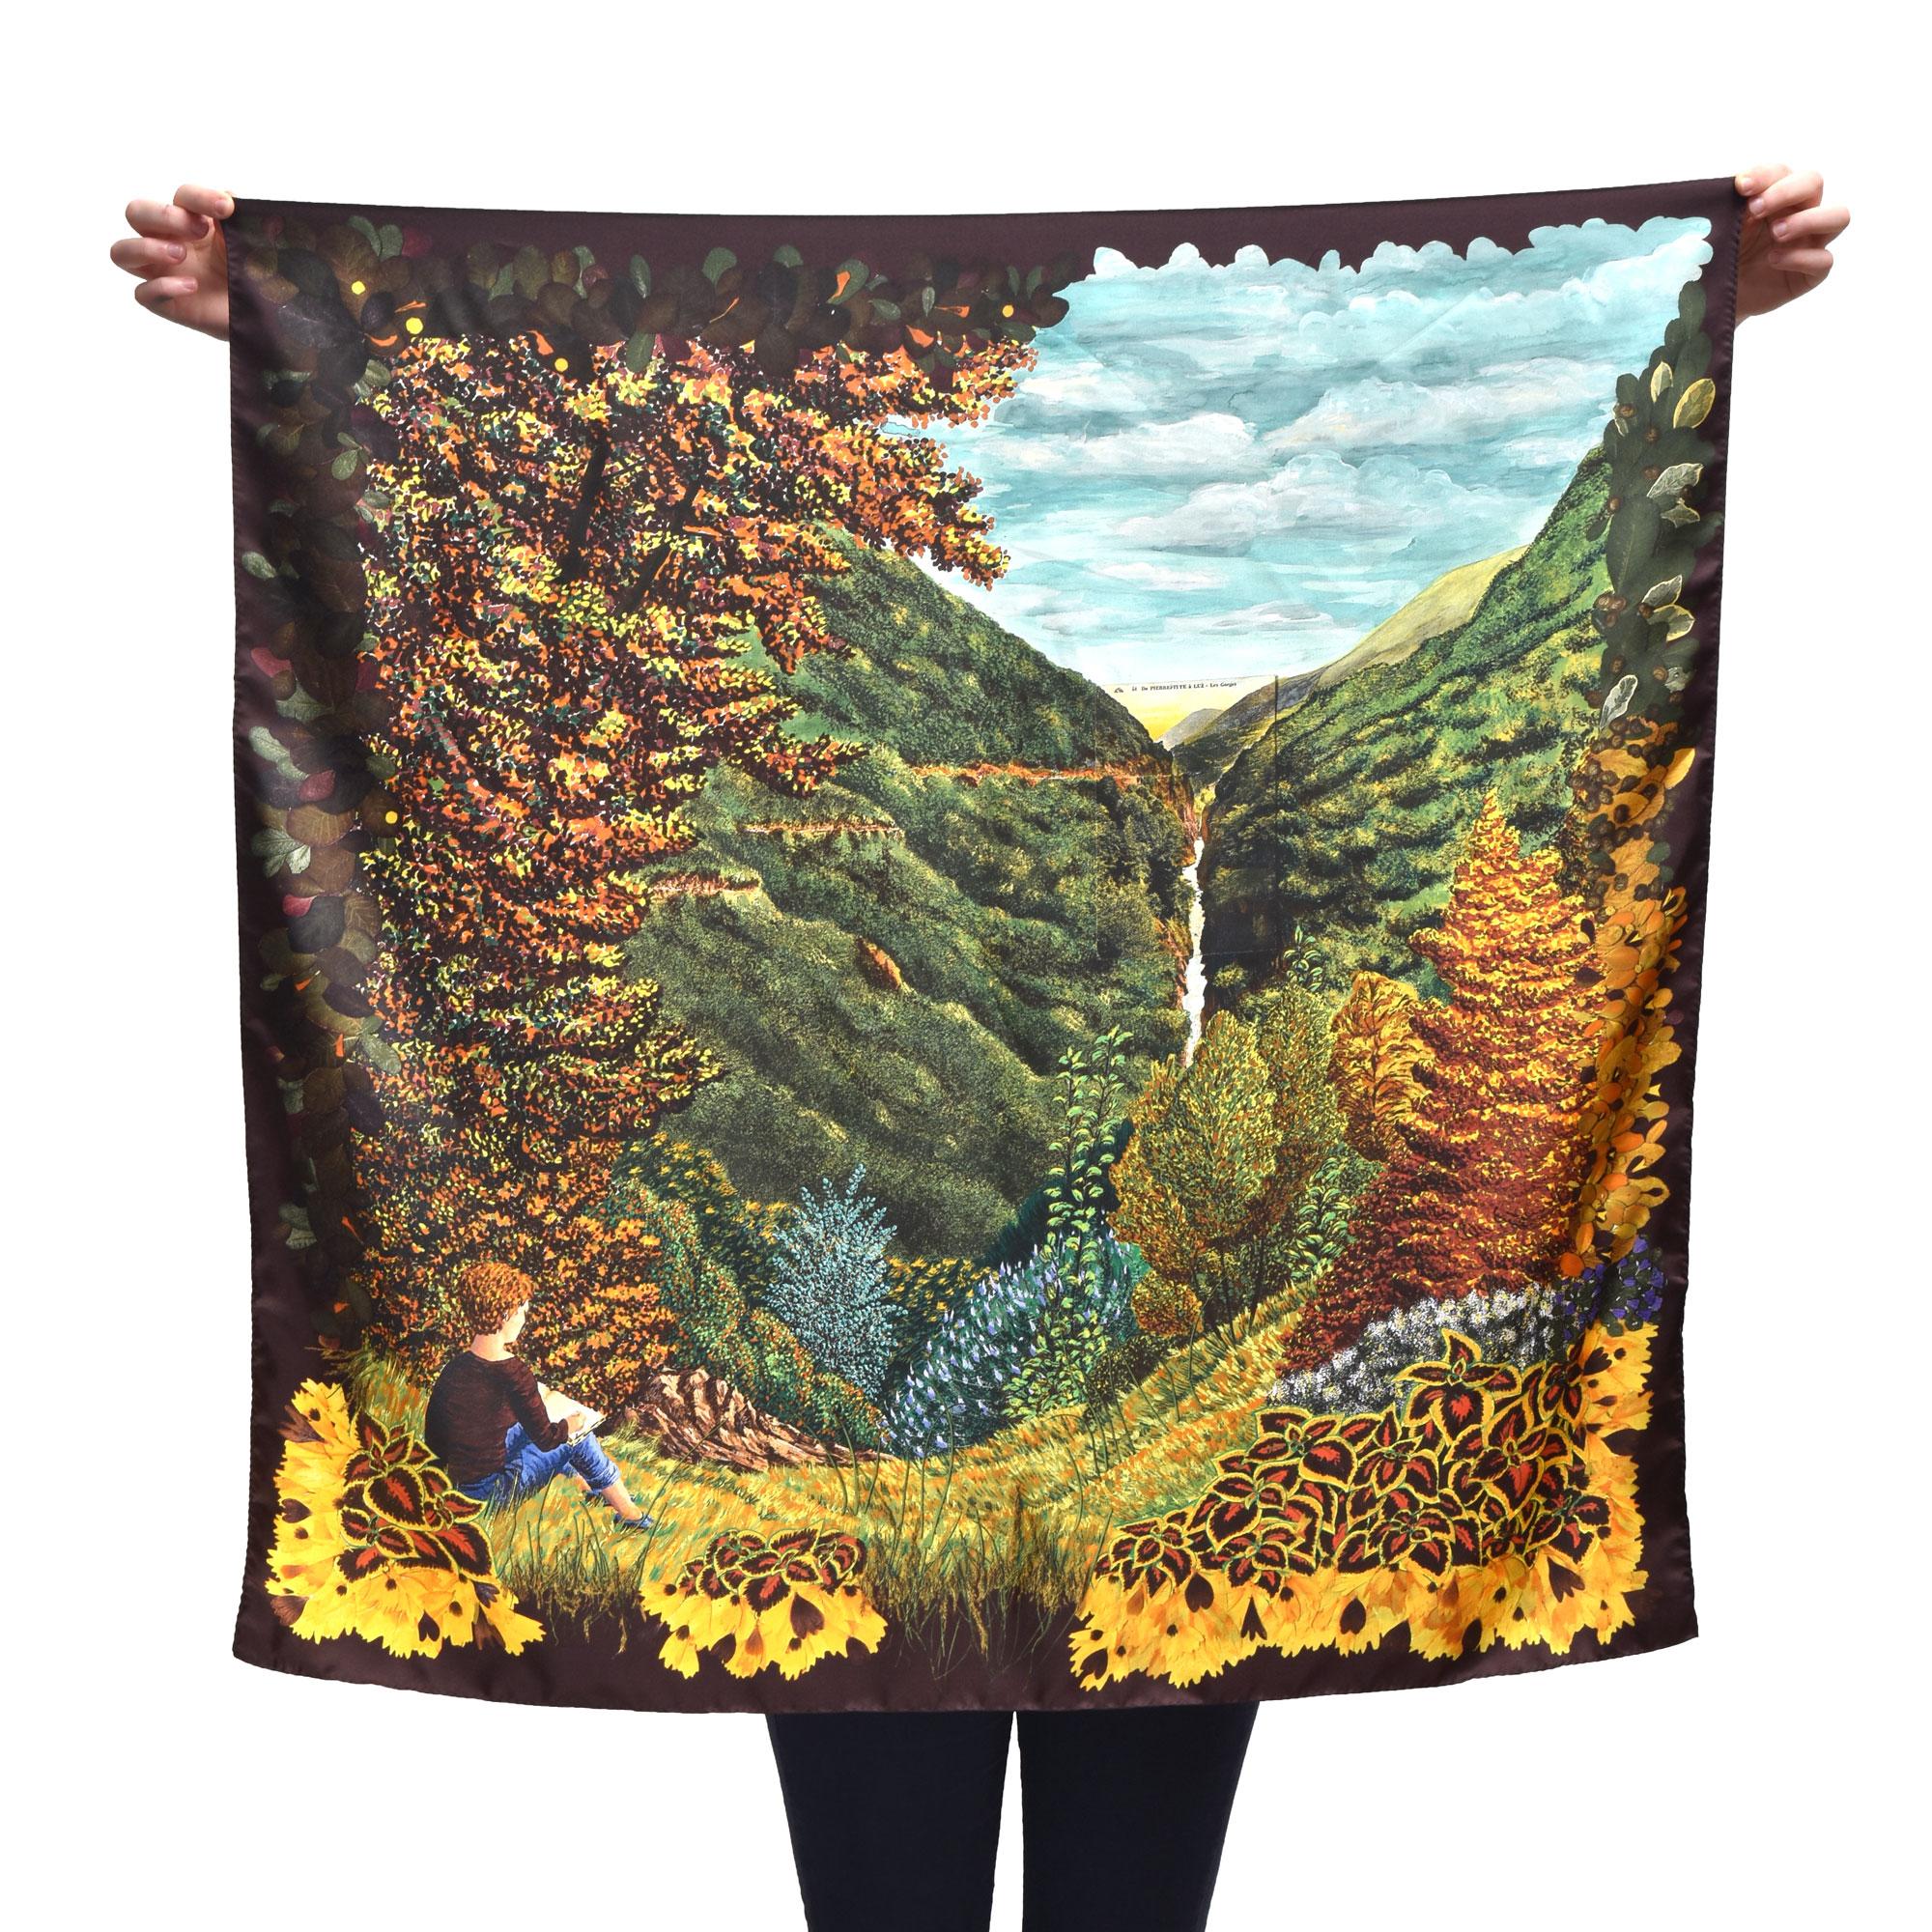 Grand foulard carré tenu déplié par une personne cachée. le foulard représente un paysage de montagne dans des tons d'automne